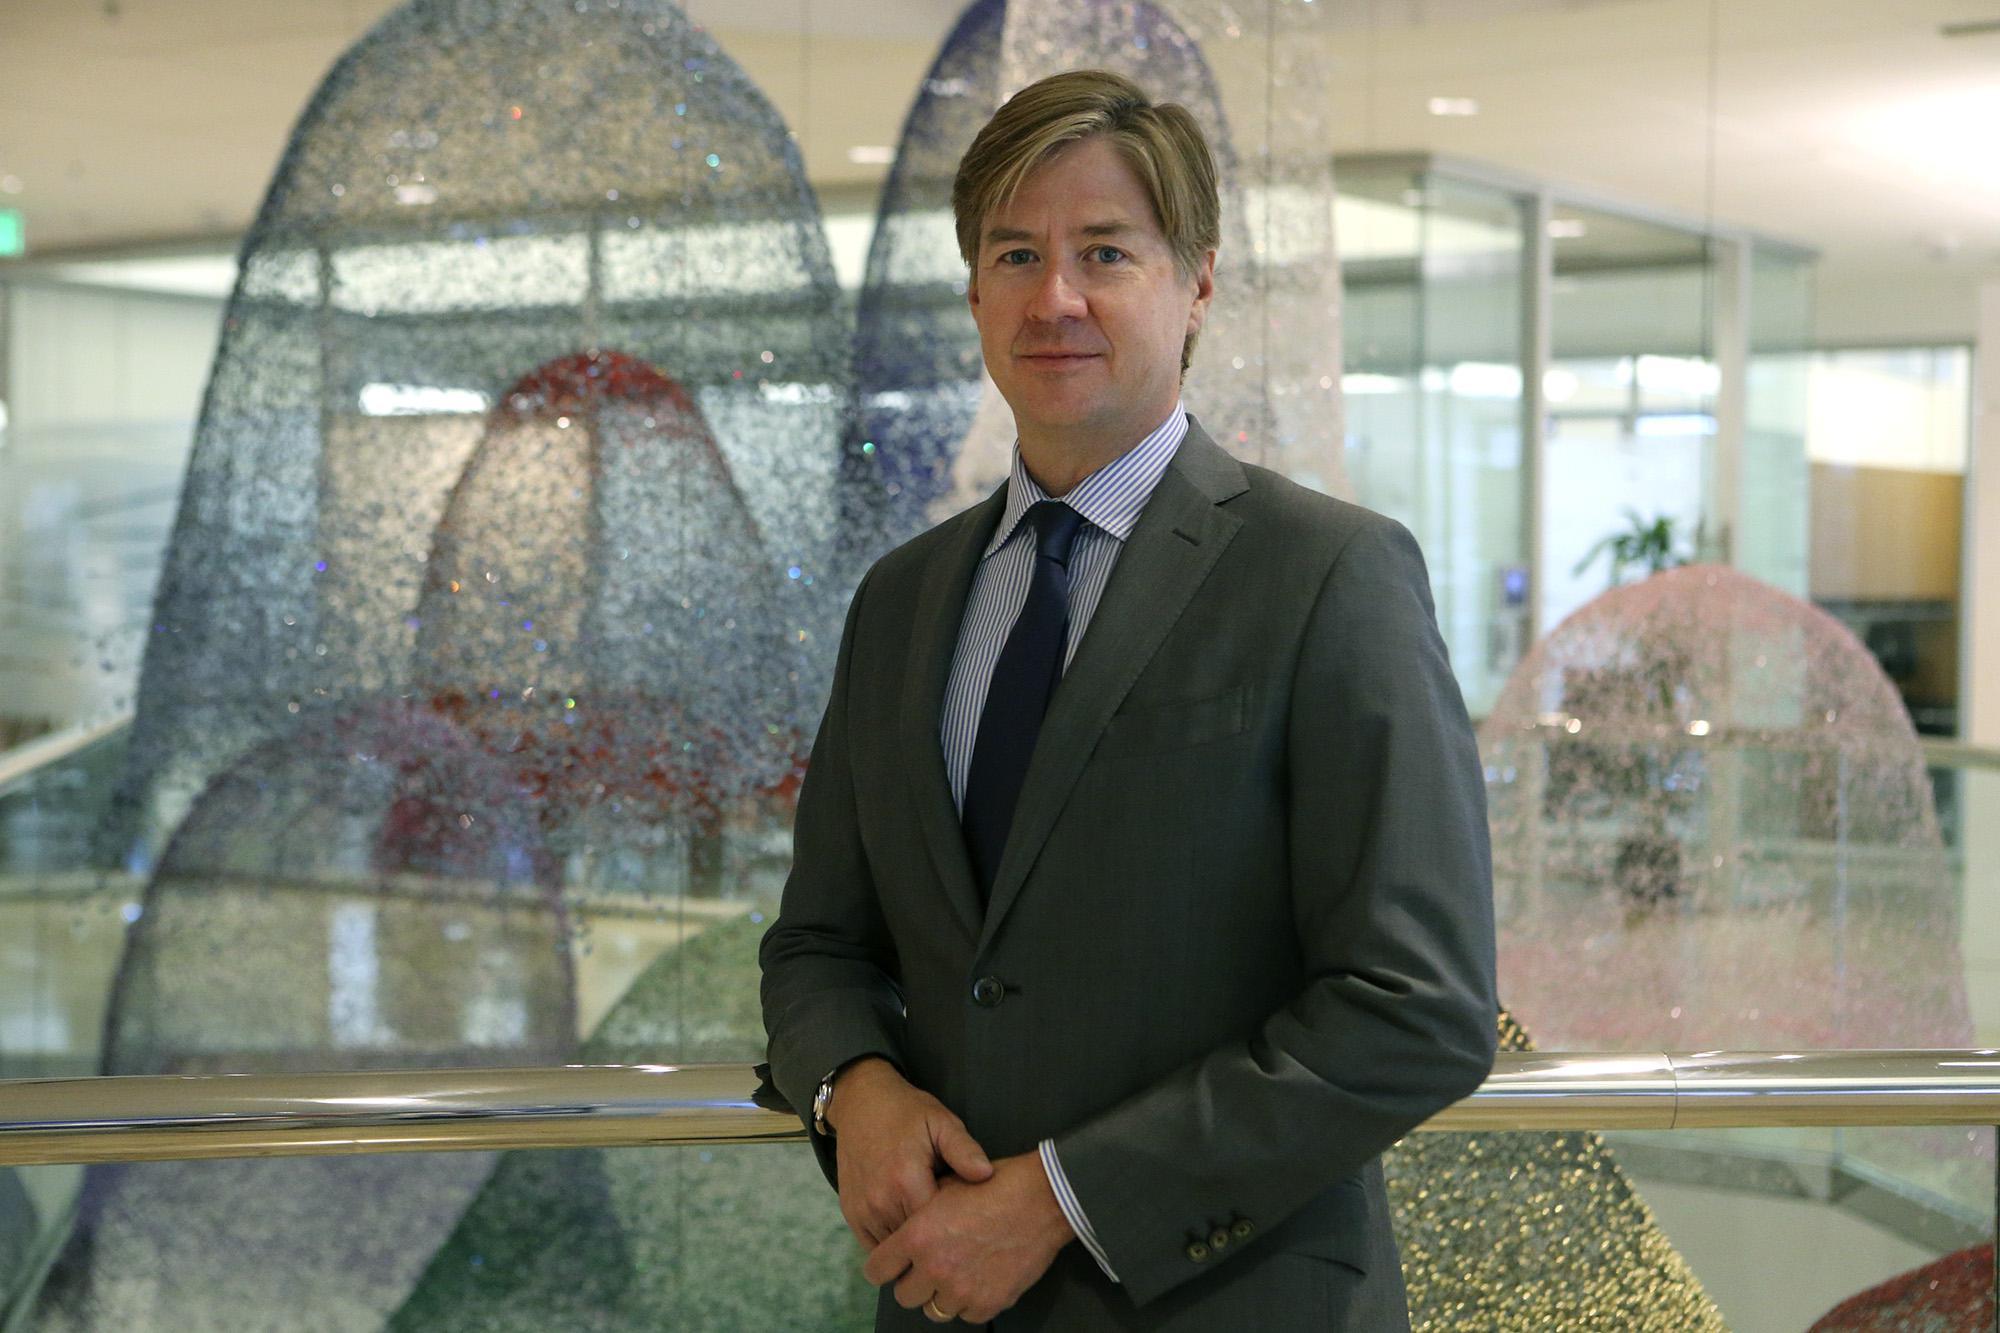 SEC subpoenas specialty insurer with U.S. headquarters in San Antonio